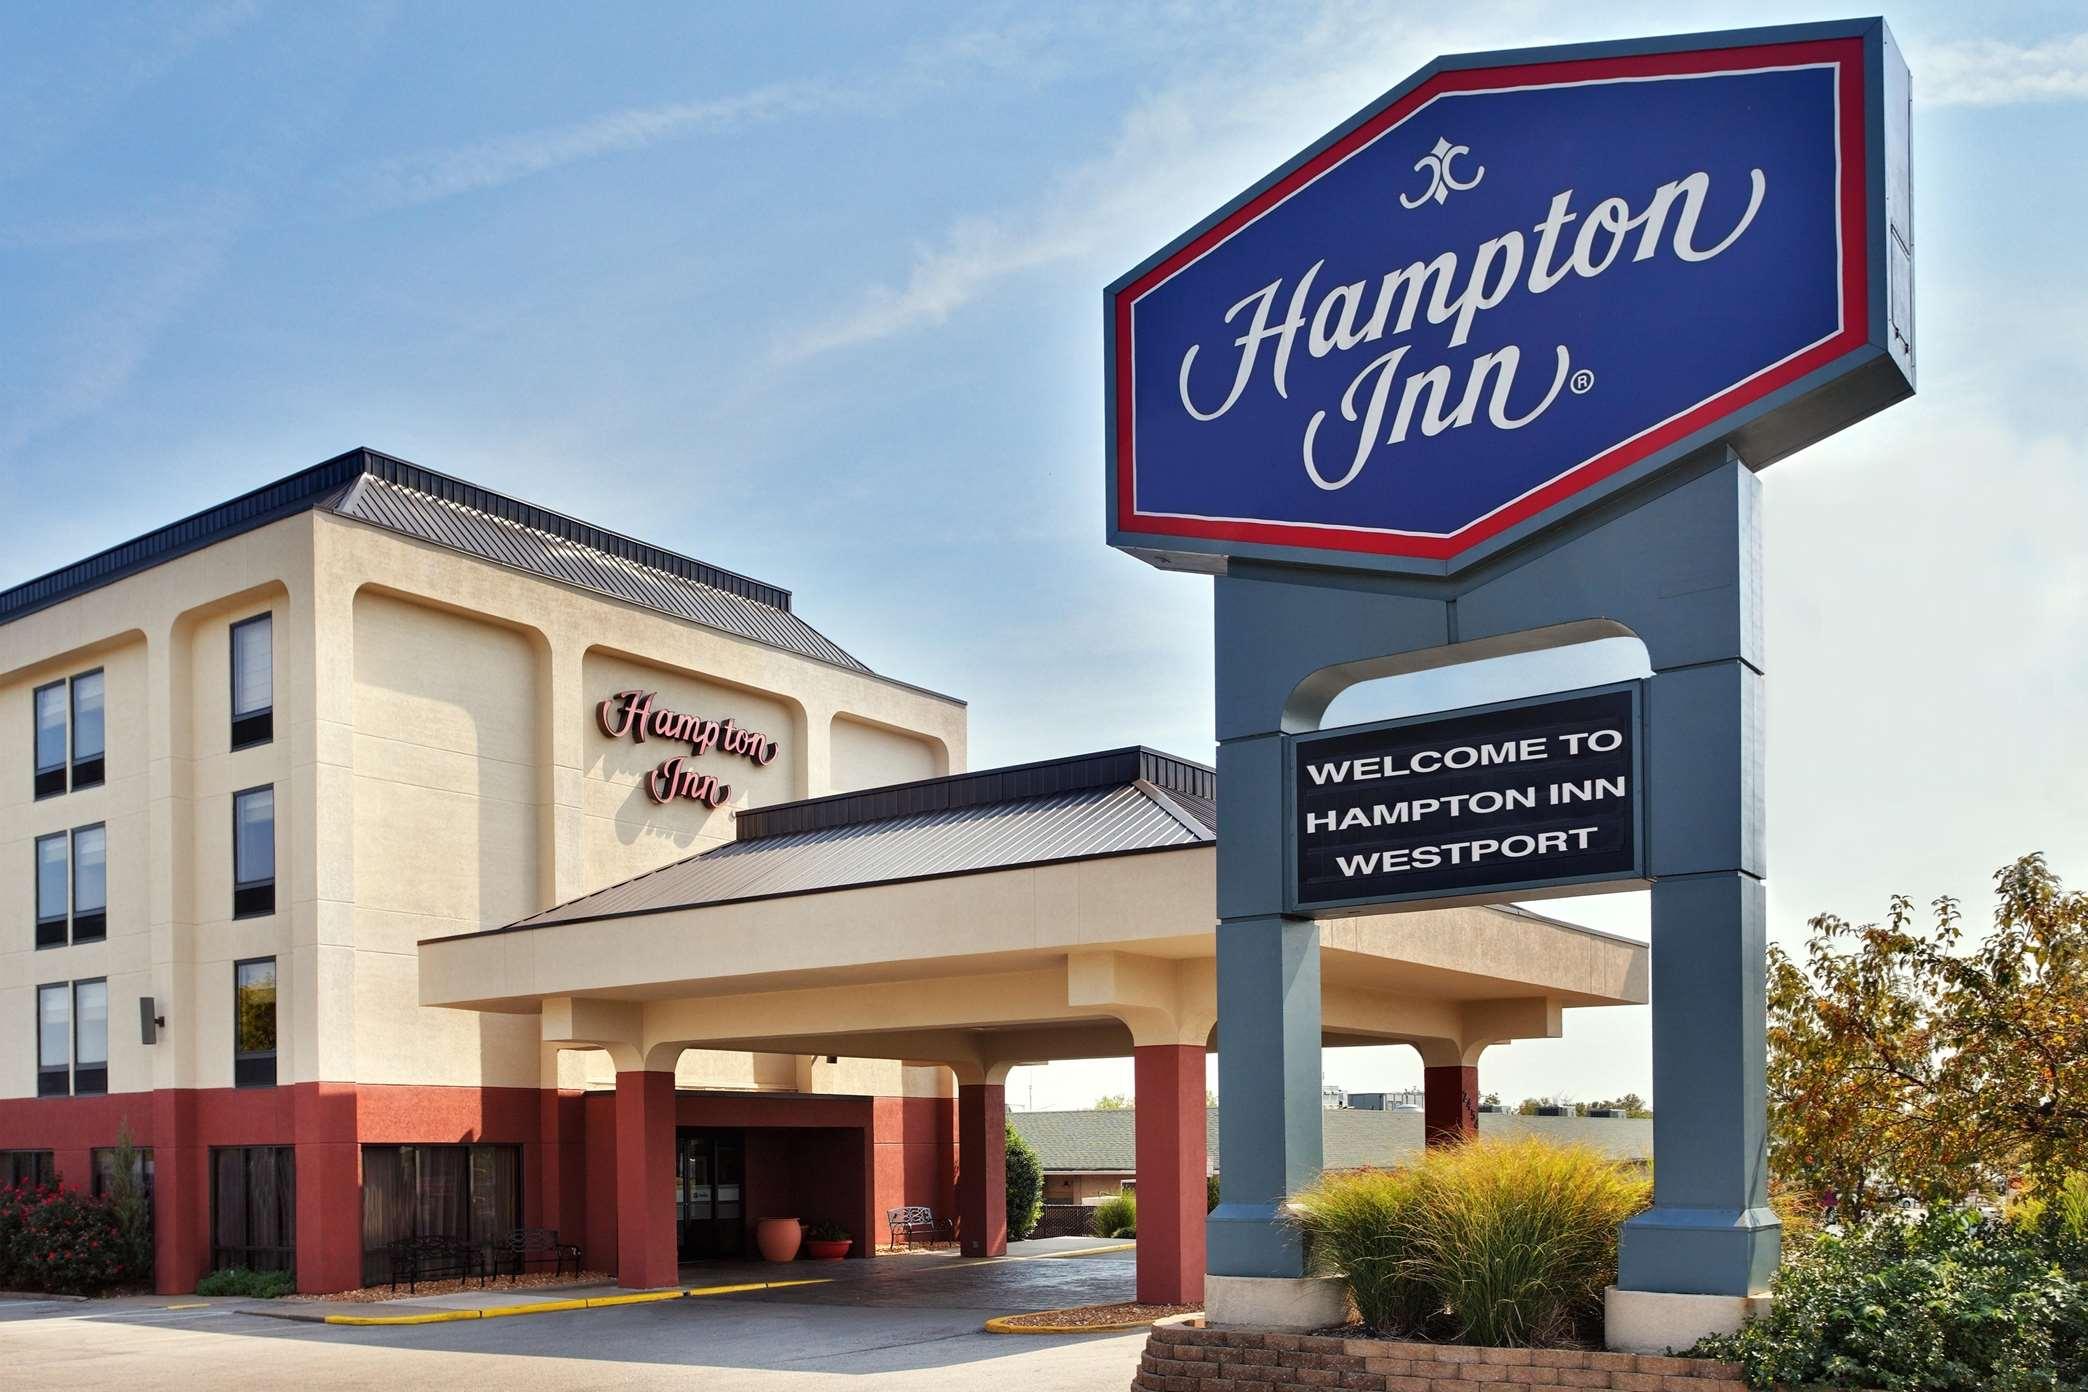 Hampton Inn St. Louis/Westport image 0